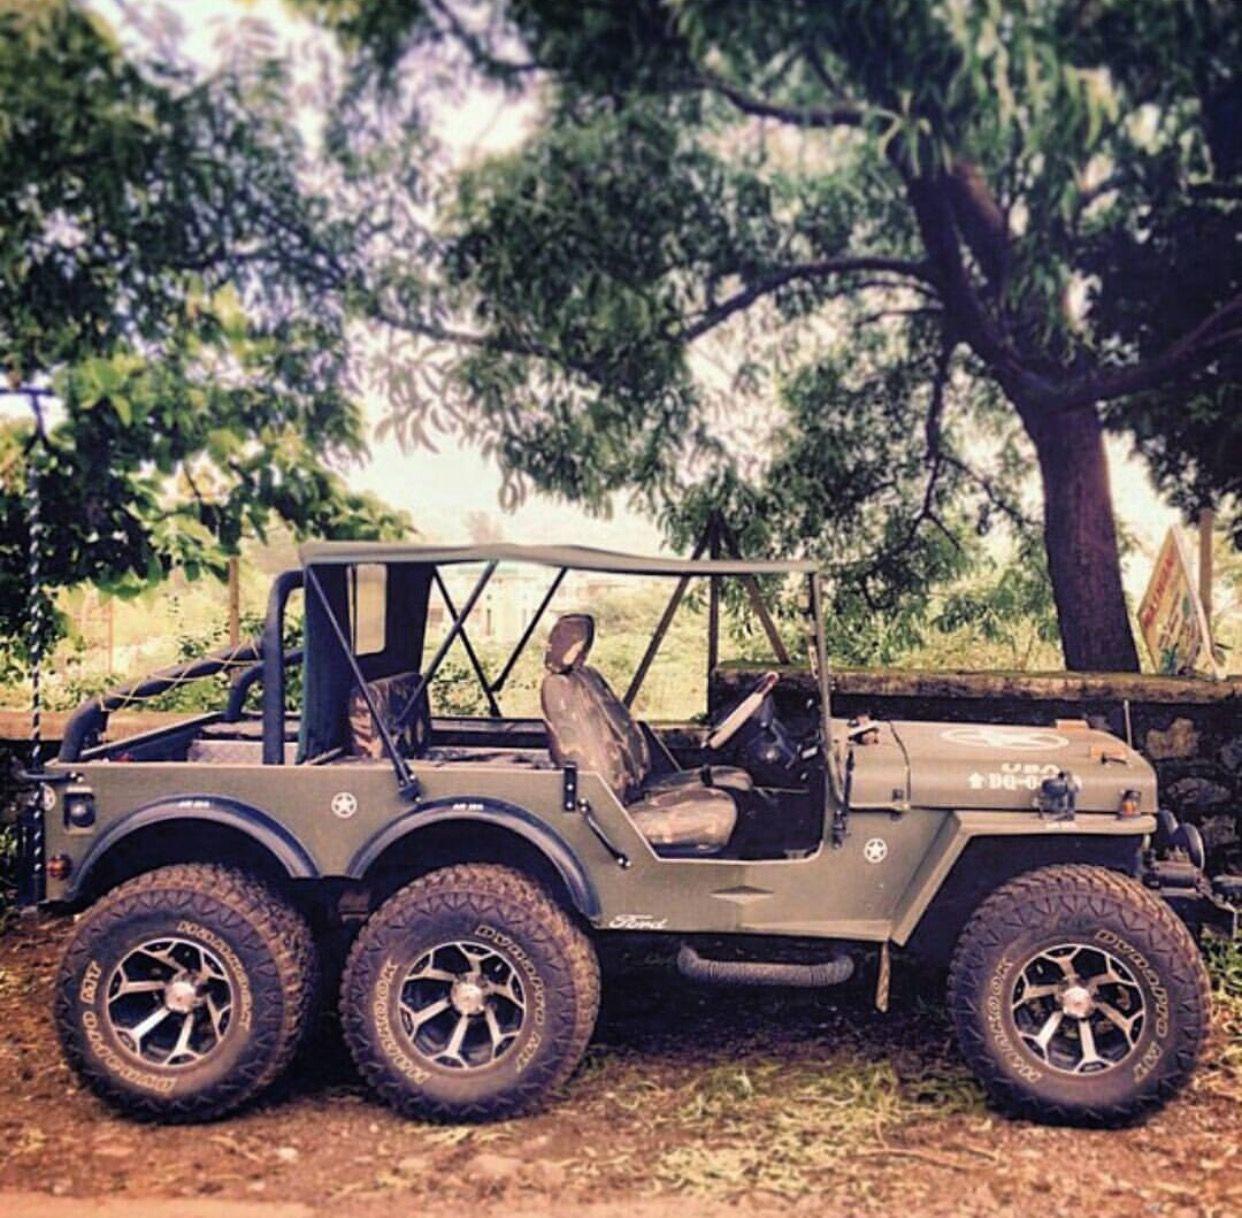 6x6 jeep wrangler